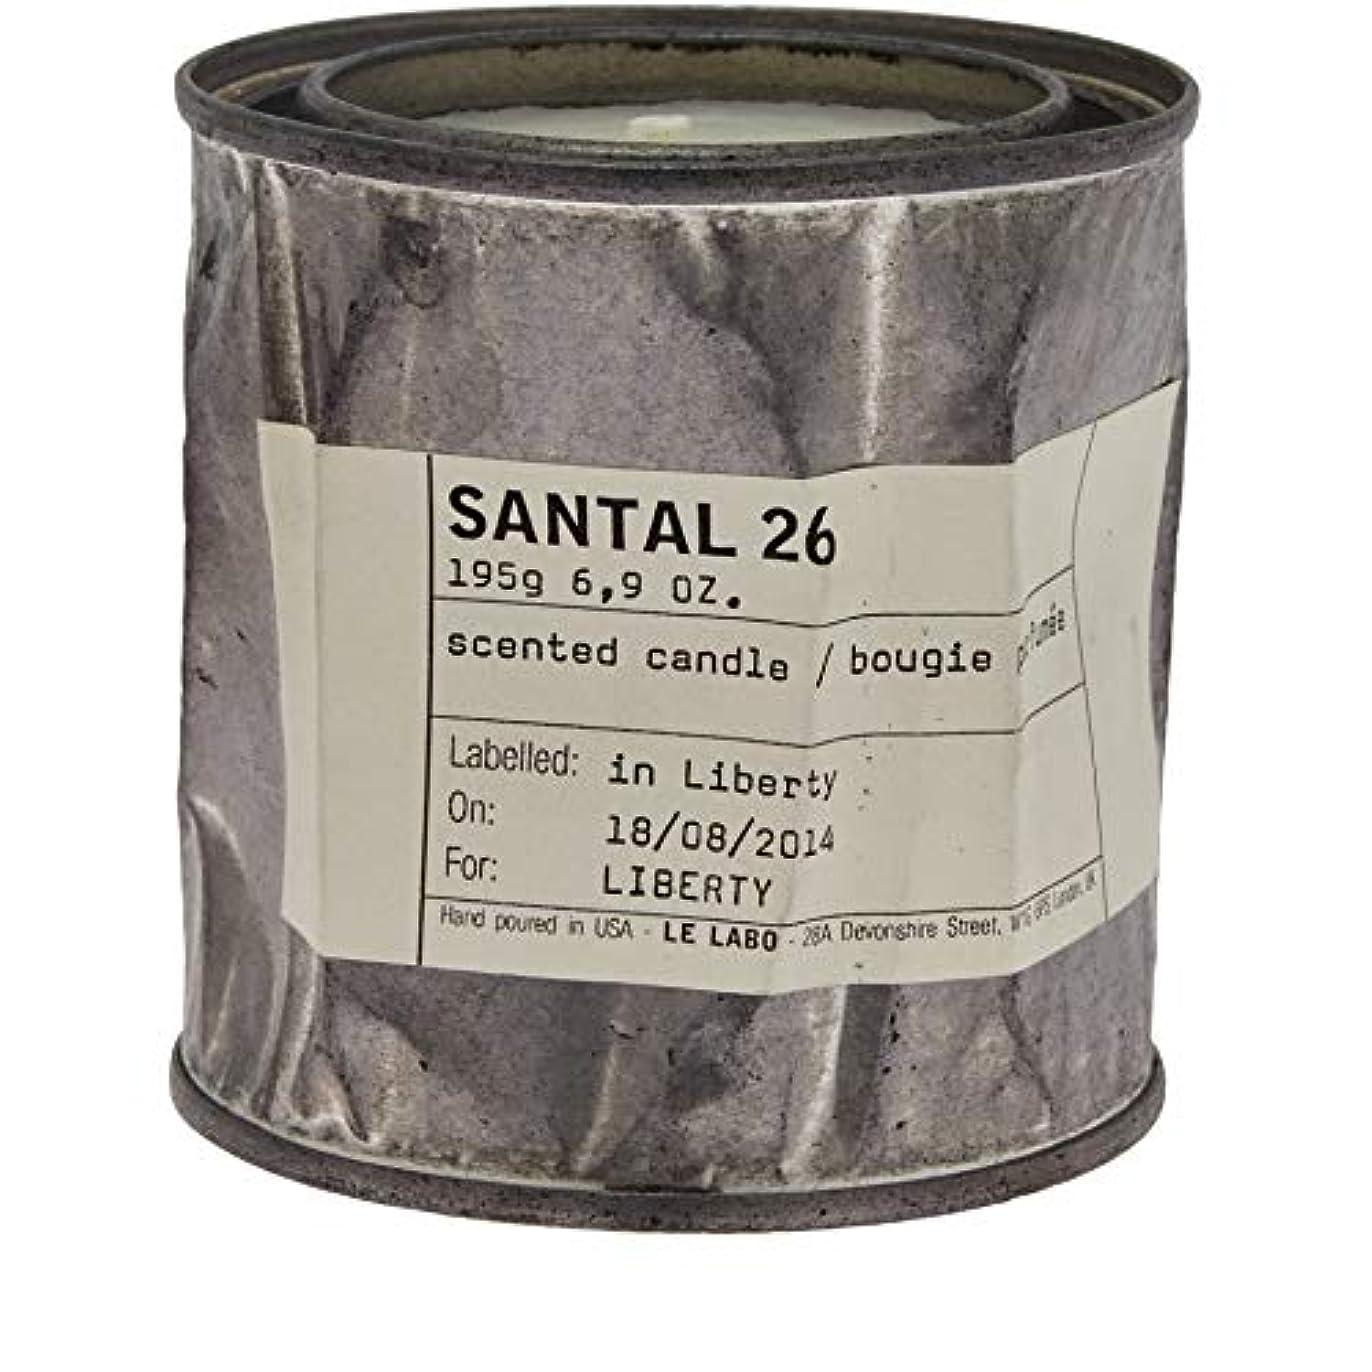 太い時系列り[Le Labo ] ルラボサンタル26ヴィンテージキャンドル - Le Labo Santal 26 Vintage Candle [並行輸入品]